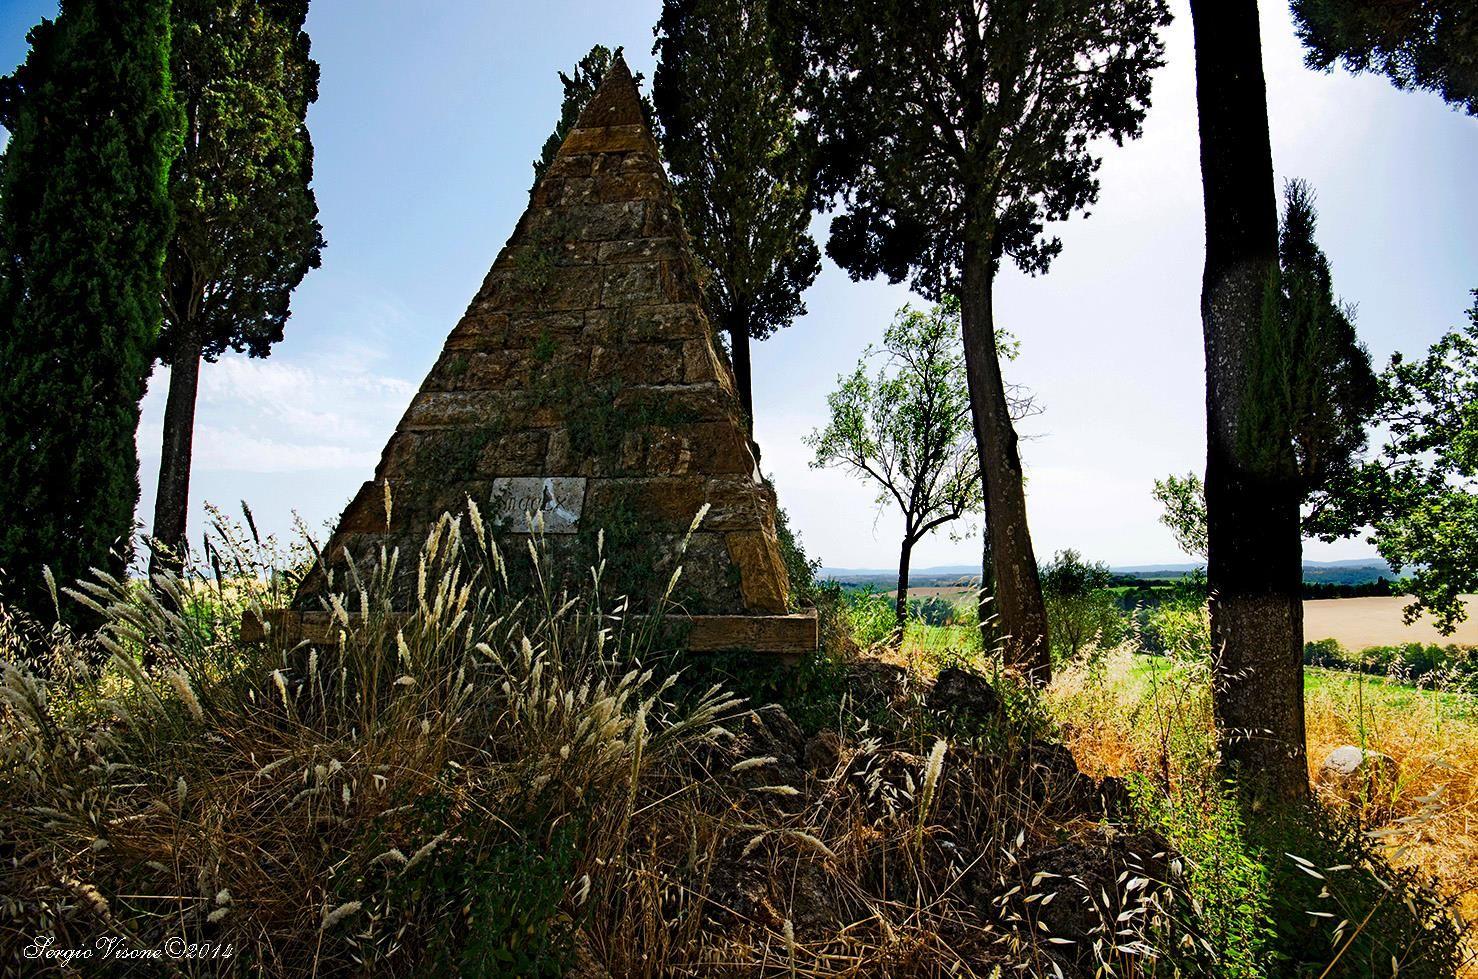 A ricordo della battaglia di Montaperti (1260) - Foto di Sergio Visone su http://sergiovisone.wix.com/sergio-visone - #Siena #Montaperti #CastelnuovoBerardenga #BattagliaDiMontaperti